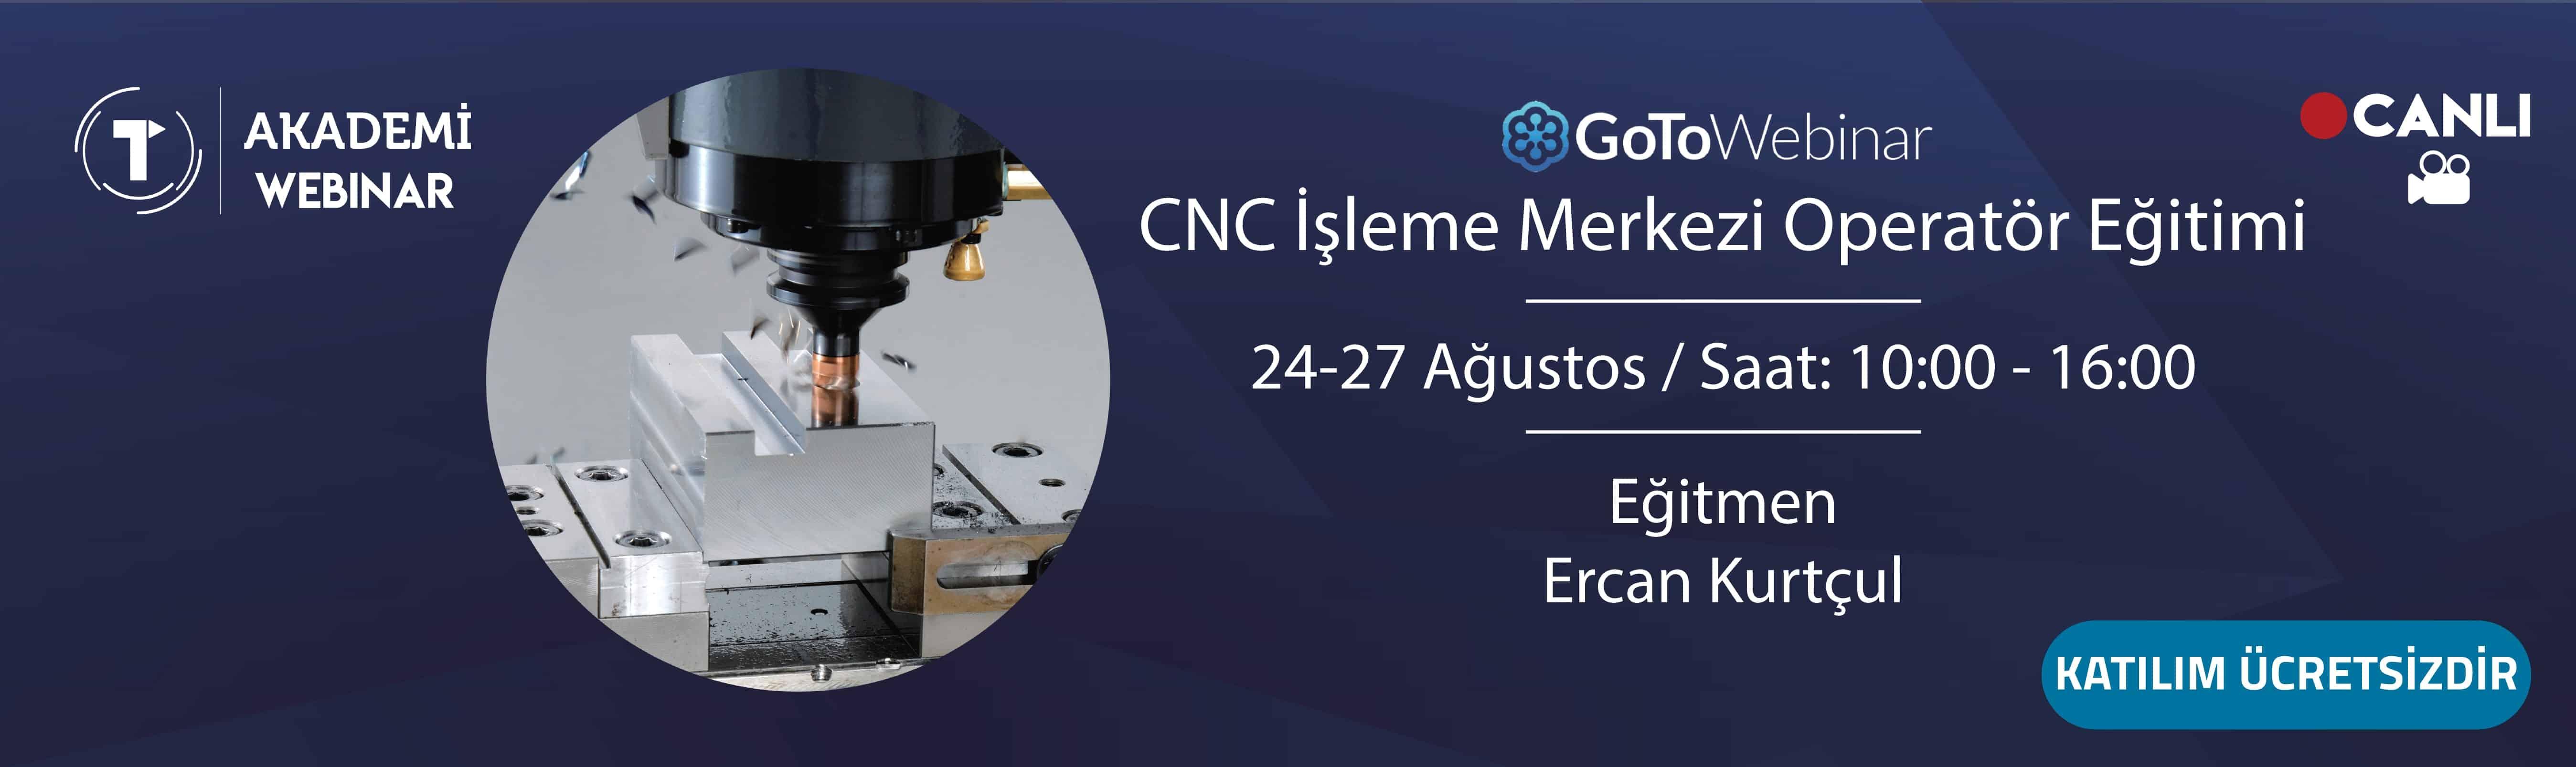 CNC İşleme Merkezi Eğitimi 24-27 Ağustos